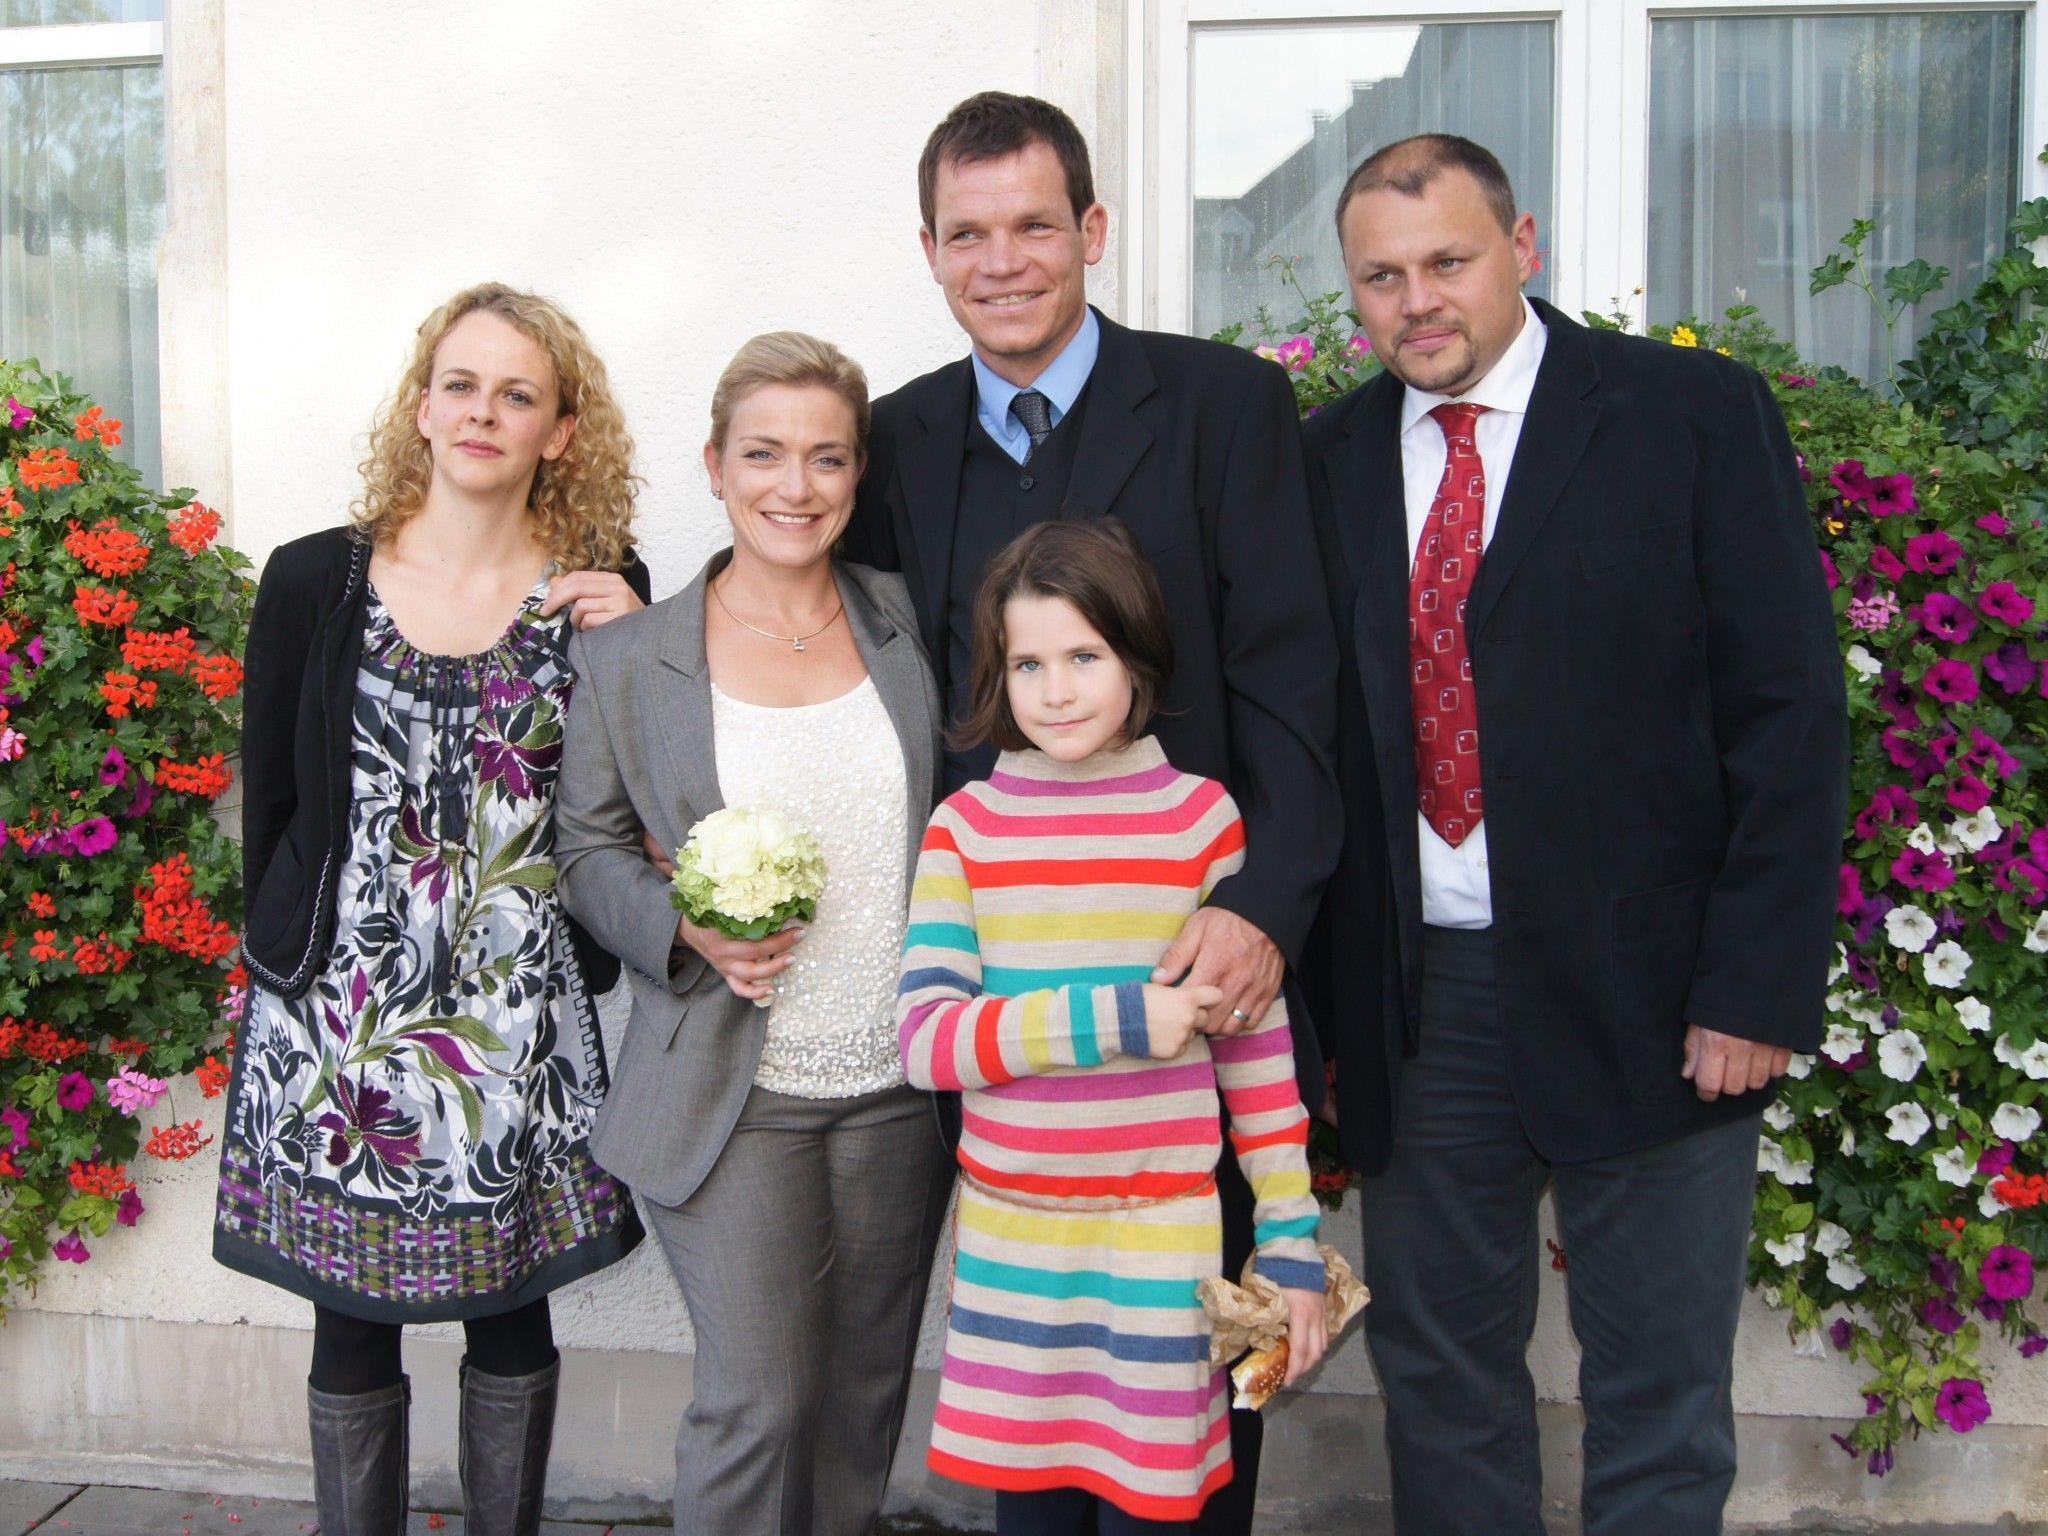 Das Brautpaar mit den Trauzeugen und Nichte Lisa.